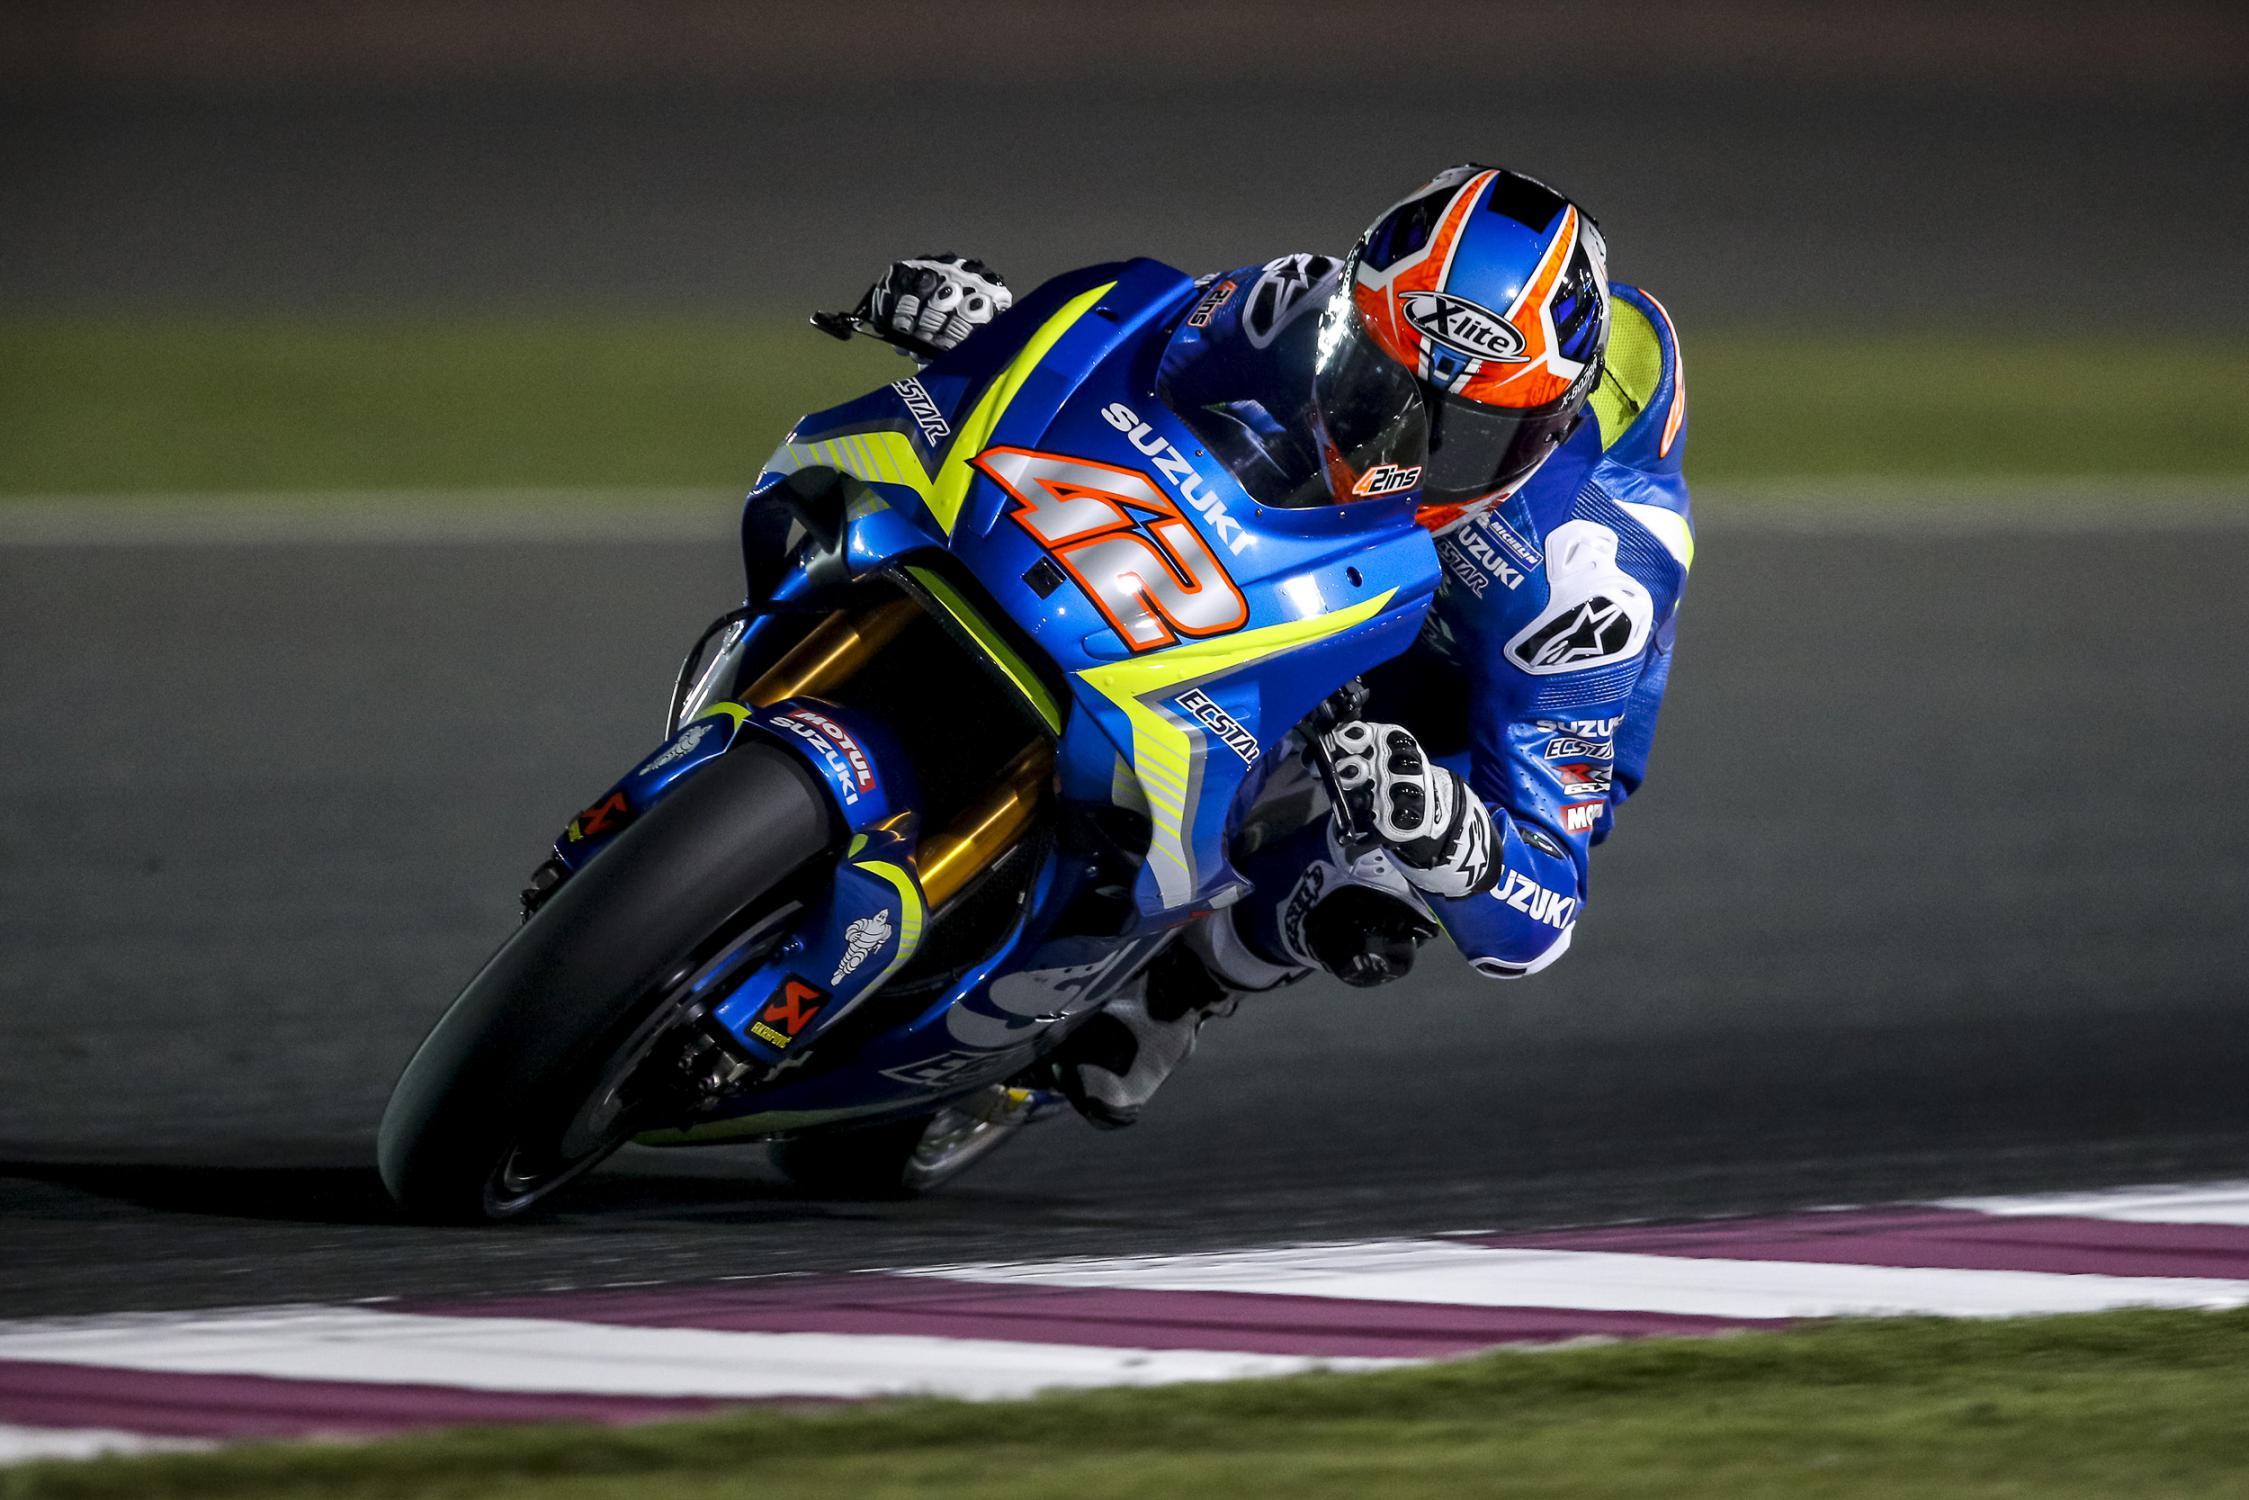 [MotoGP] Test Losail 42-alex-rins-esp8de3bb21-5191-49ce-9b9b-19f1cb378c30.gallery_full_top_fullscreen